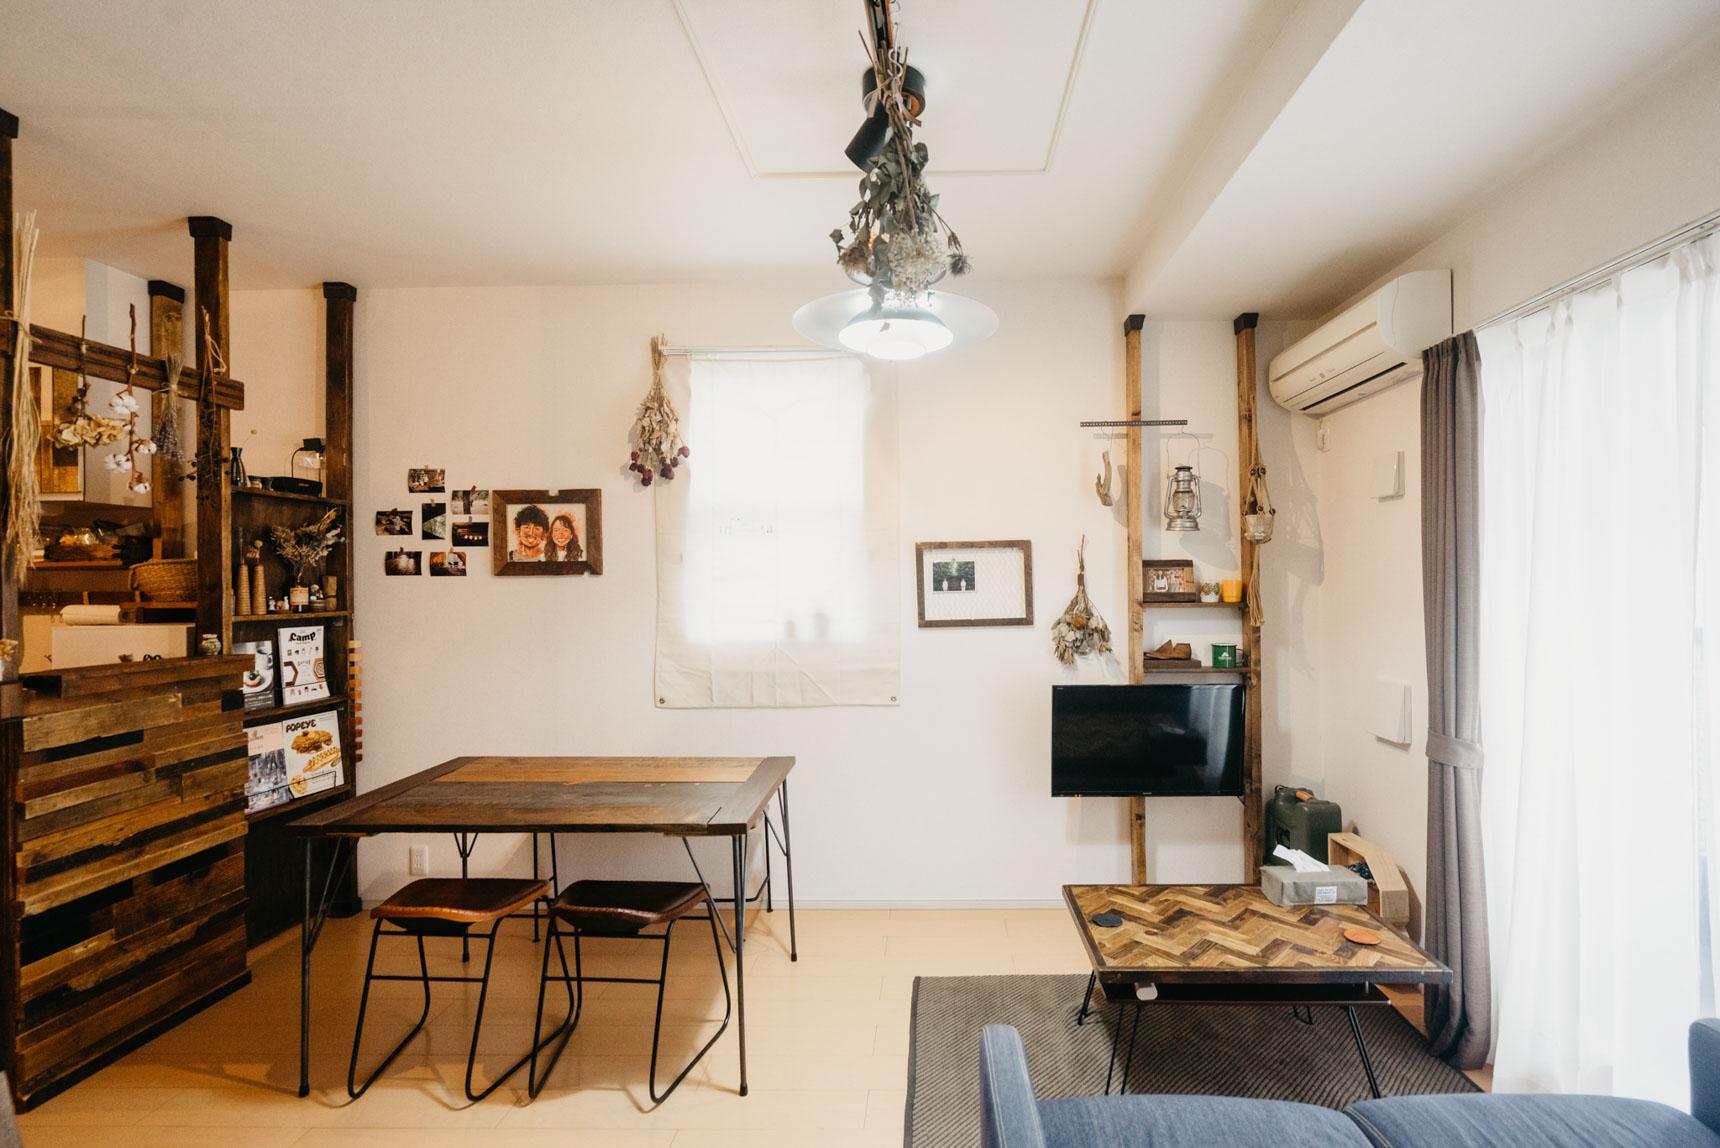 「縦長のリビング・ダイニング」をうまく使いこなす家具配置のアイディアを教えて!